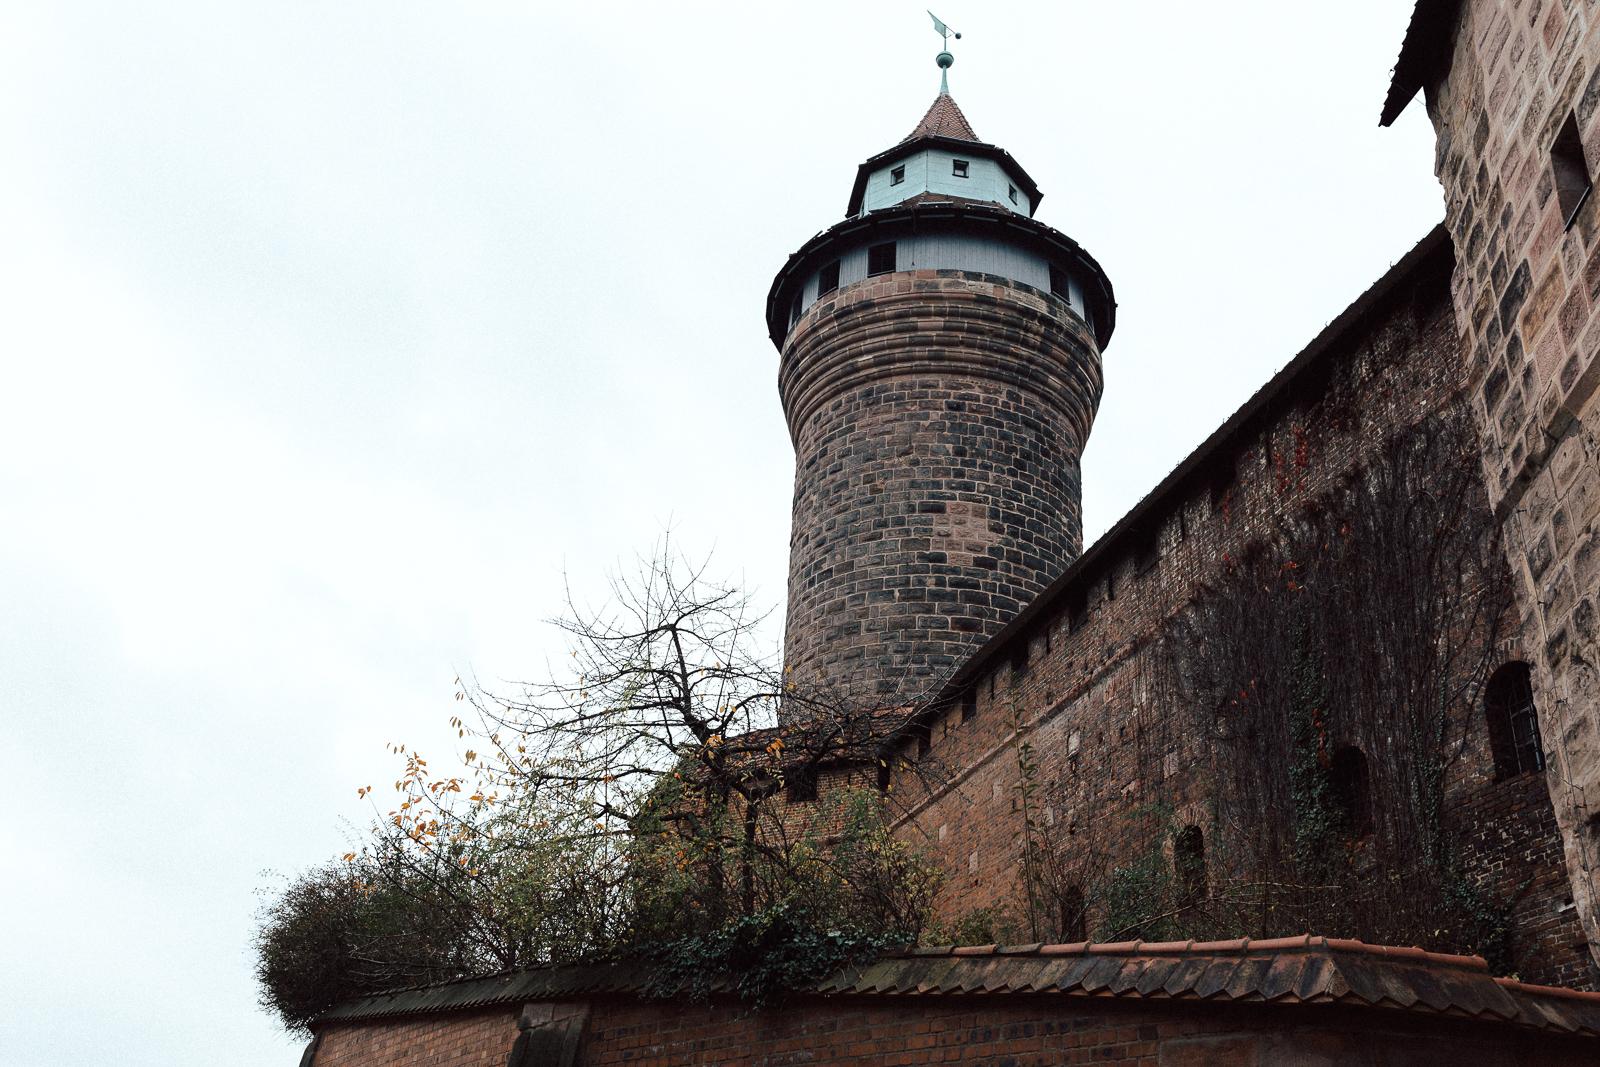 URBANERIE_Daniela_Goth_Fotografin_Nürnberg_Fürth_Erlangen_Schwabach_171110_001_0041